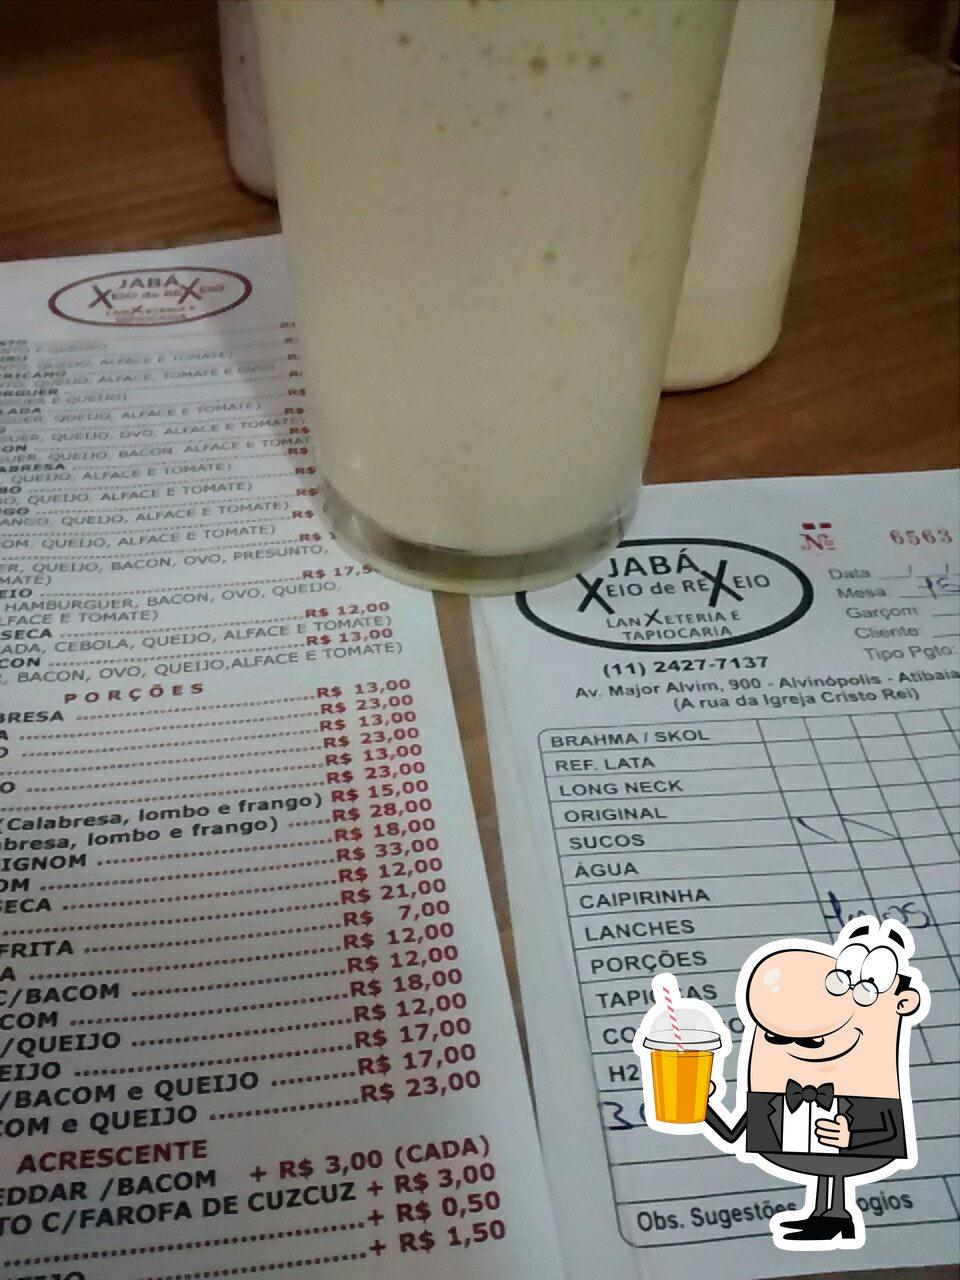 Desfrute de uma bebida no Jabá Xeio de Rexeio Lanxeteria